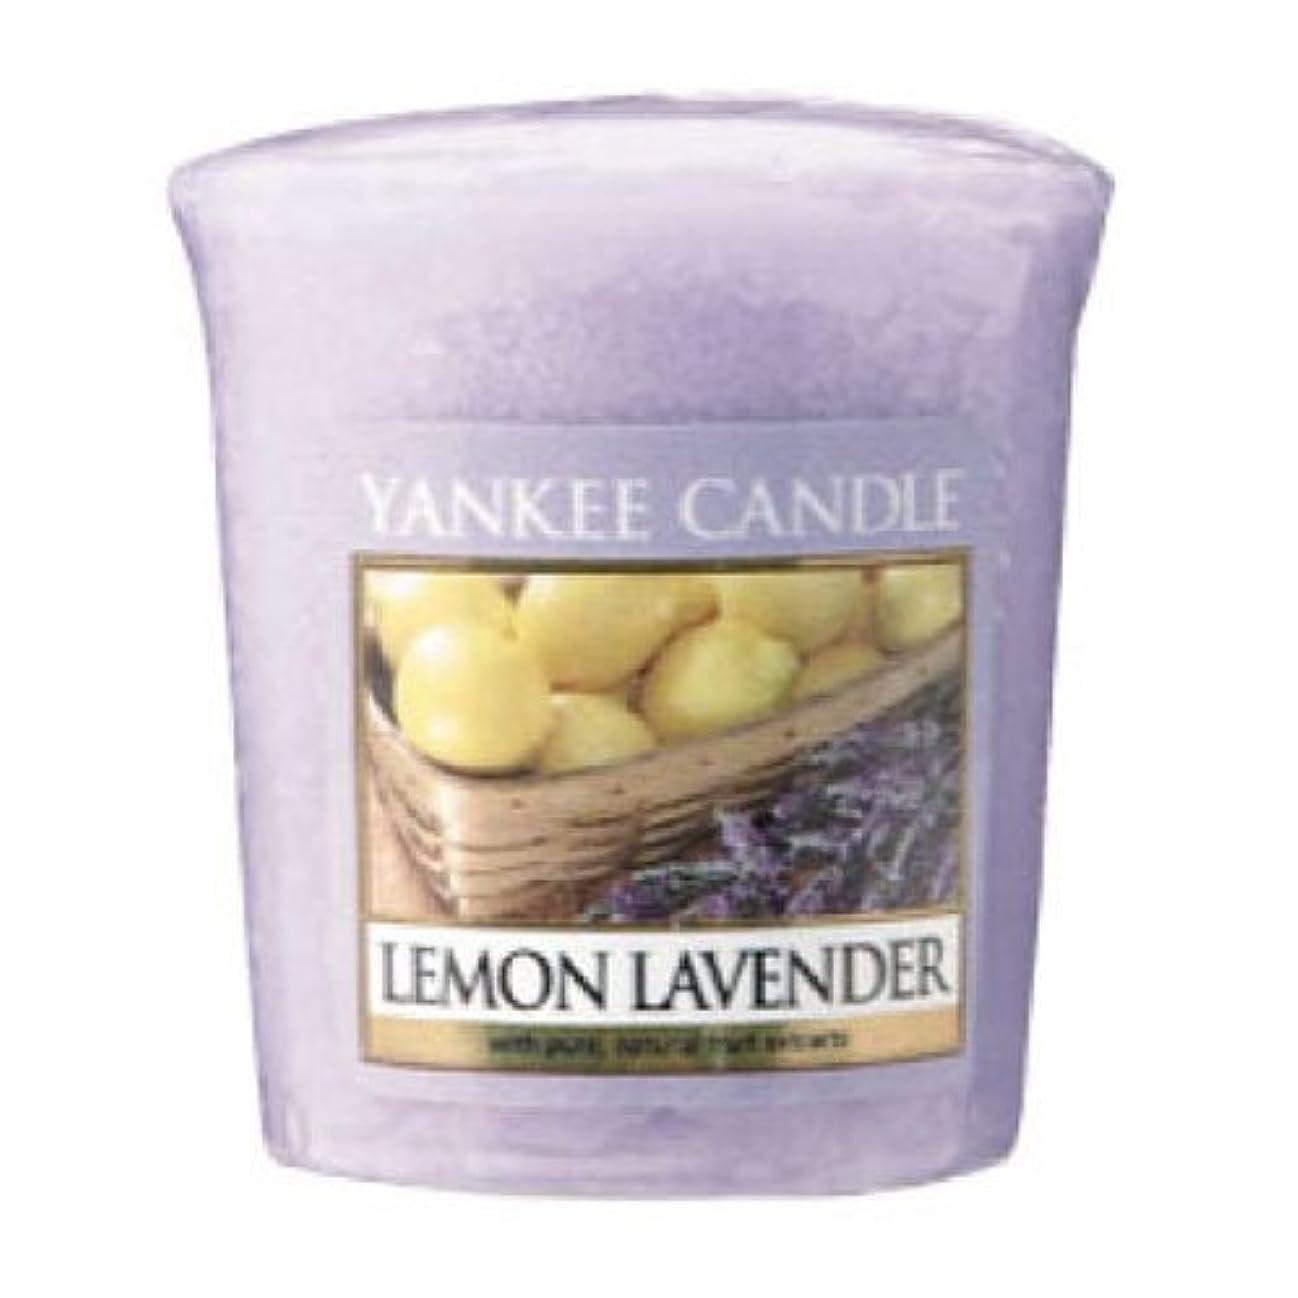 ヤンキーキャンドル 正規品 YCサンプラー Lラベンダー (YK0010530 4901435928395)